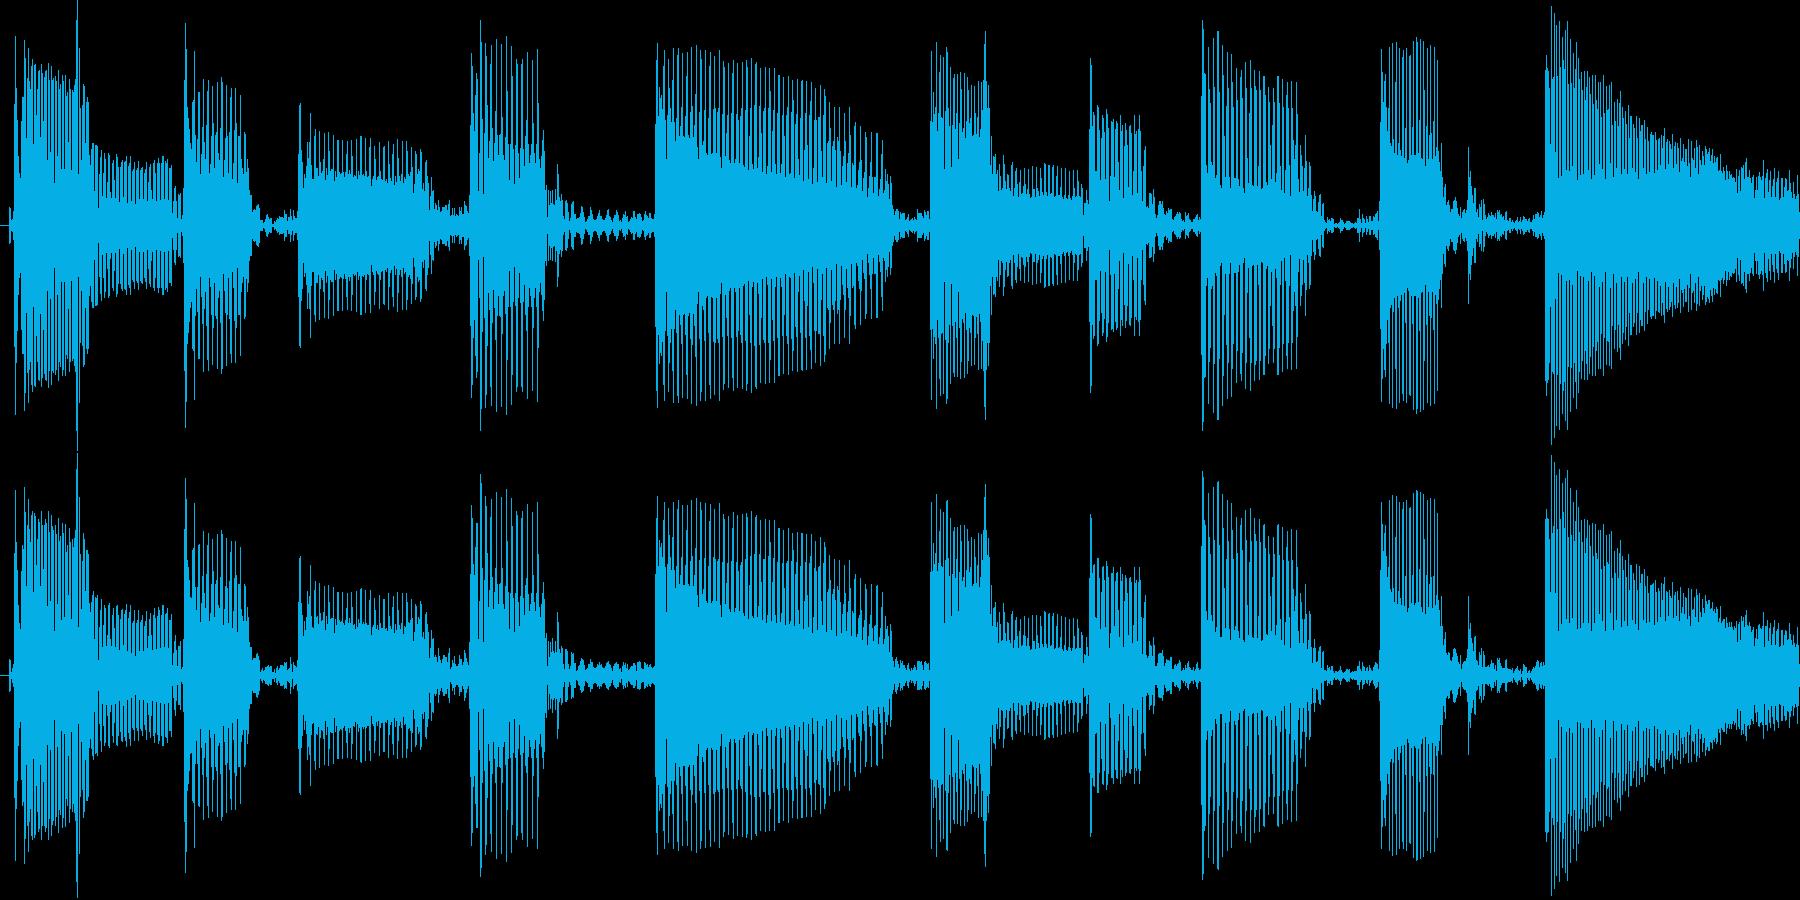 クールでかっこいいスラップベースソロ素材の再生済みの波形